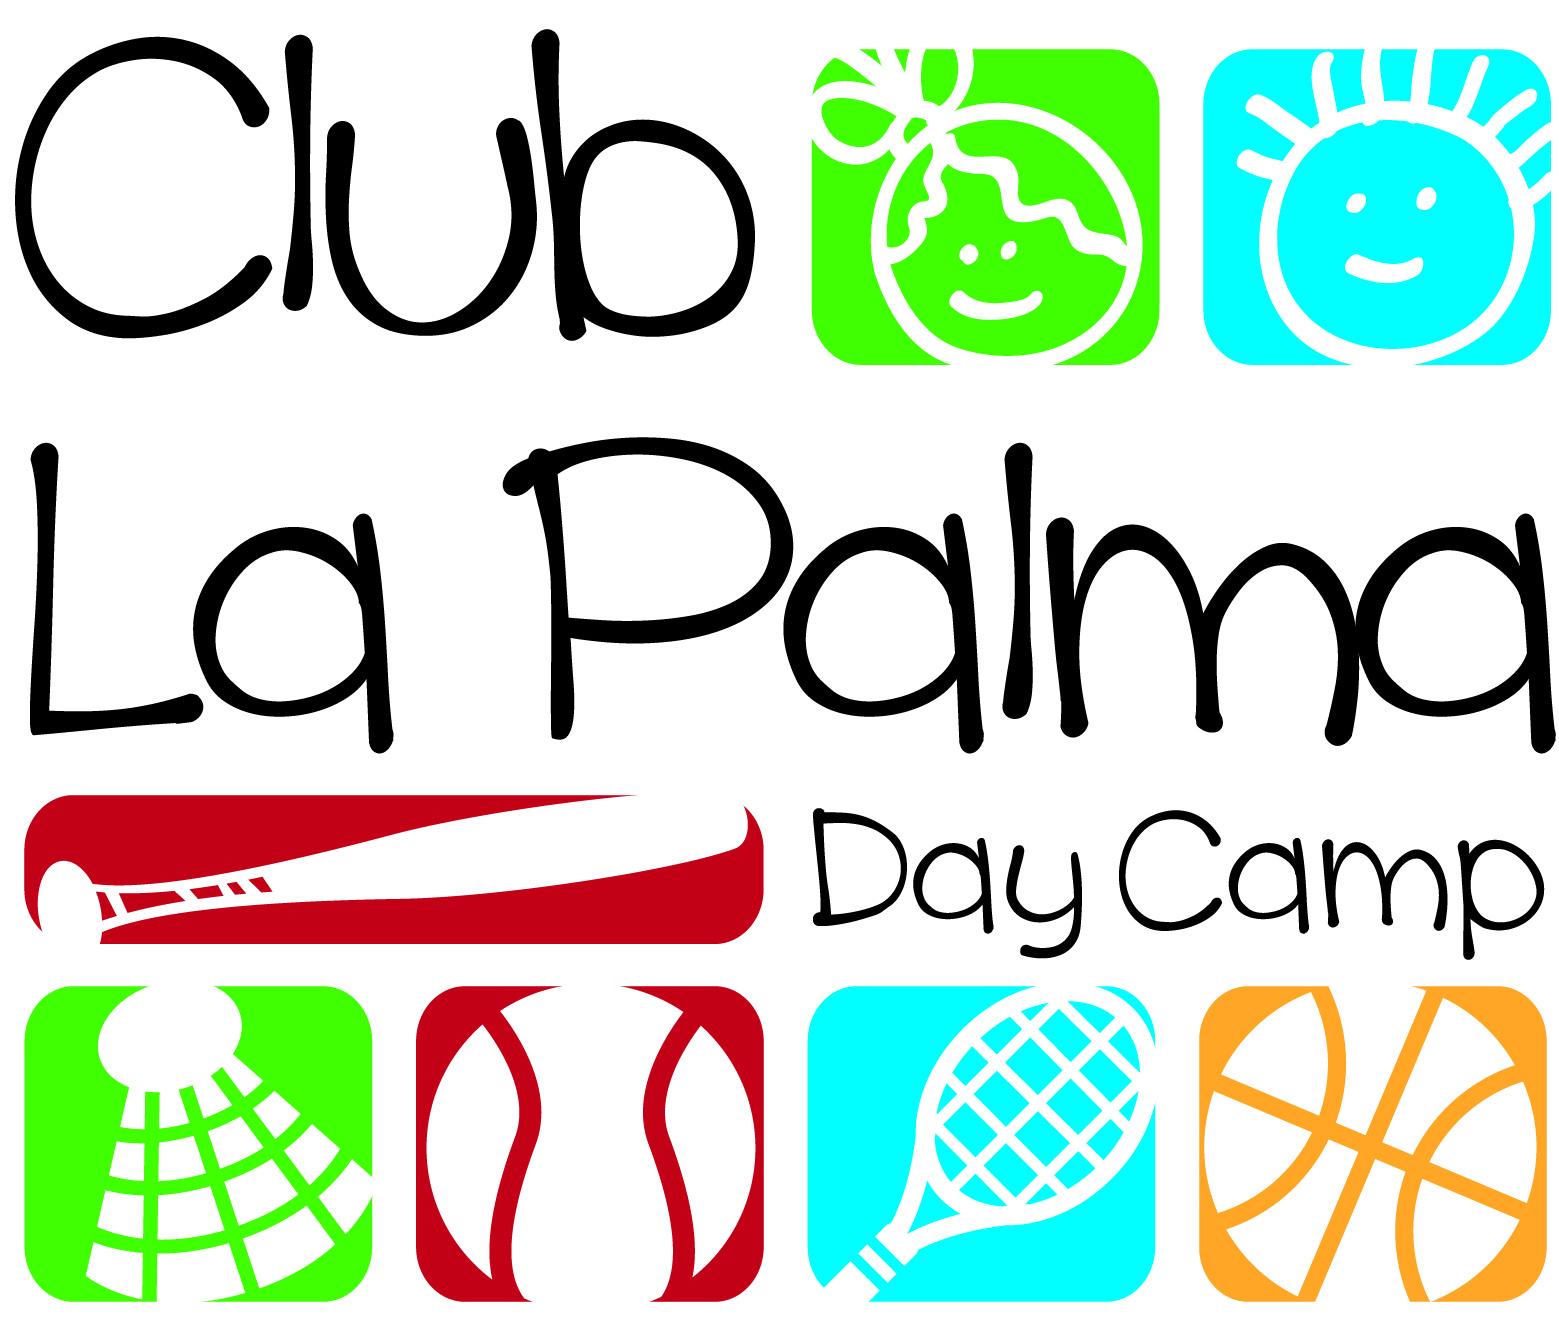 Club La Palma Day Camp | La Palma, CA - Official Website